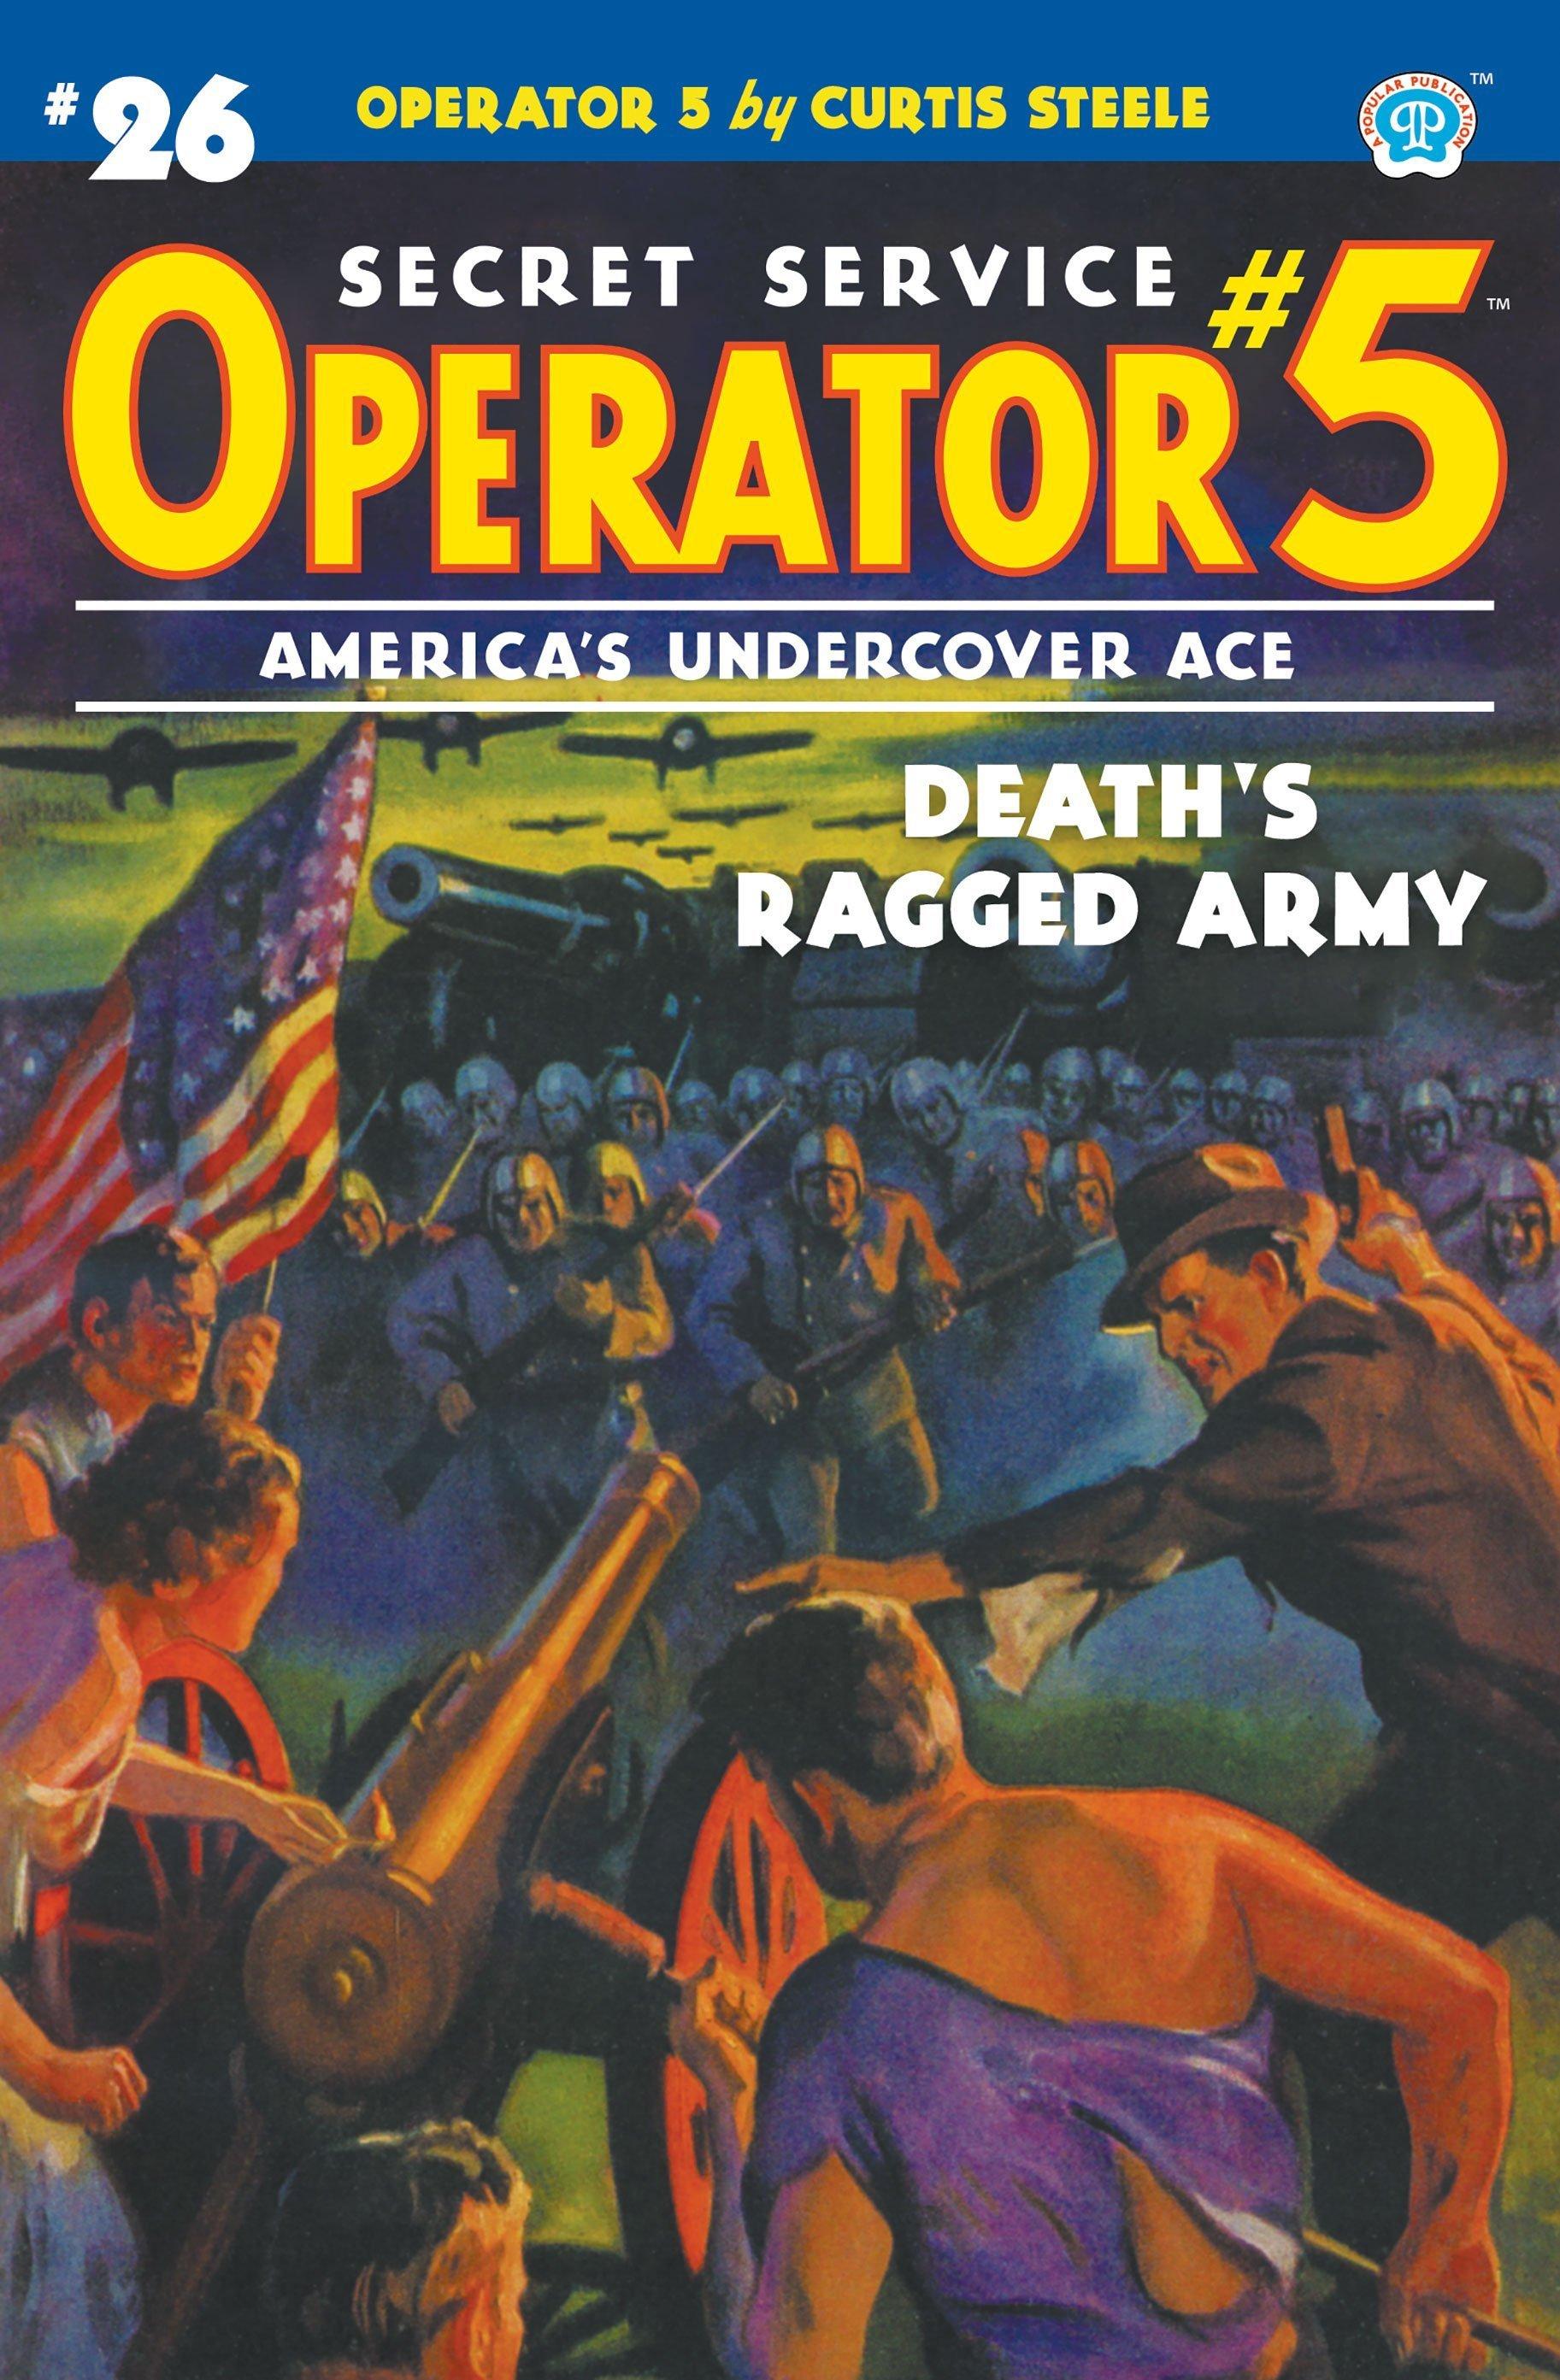 Operator 5 #26: Death's Ragged Army